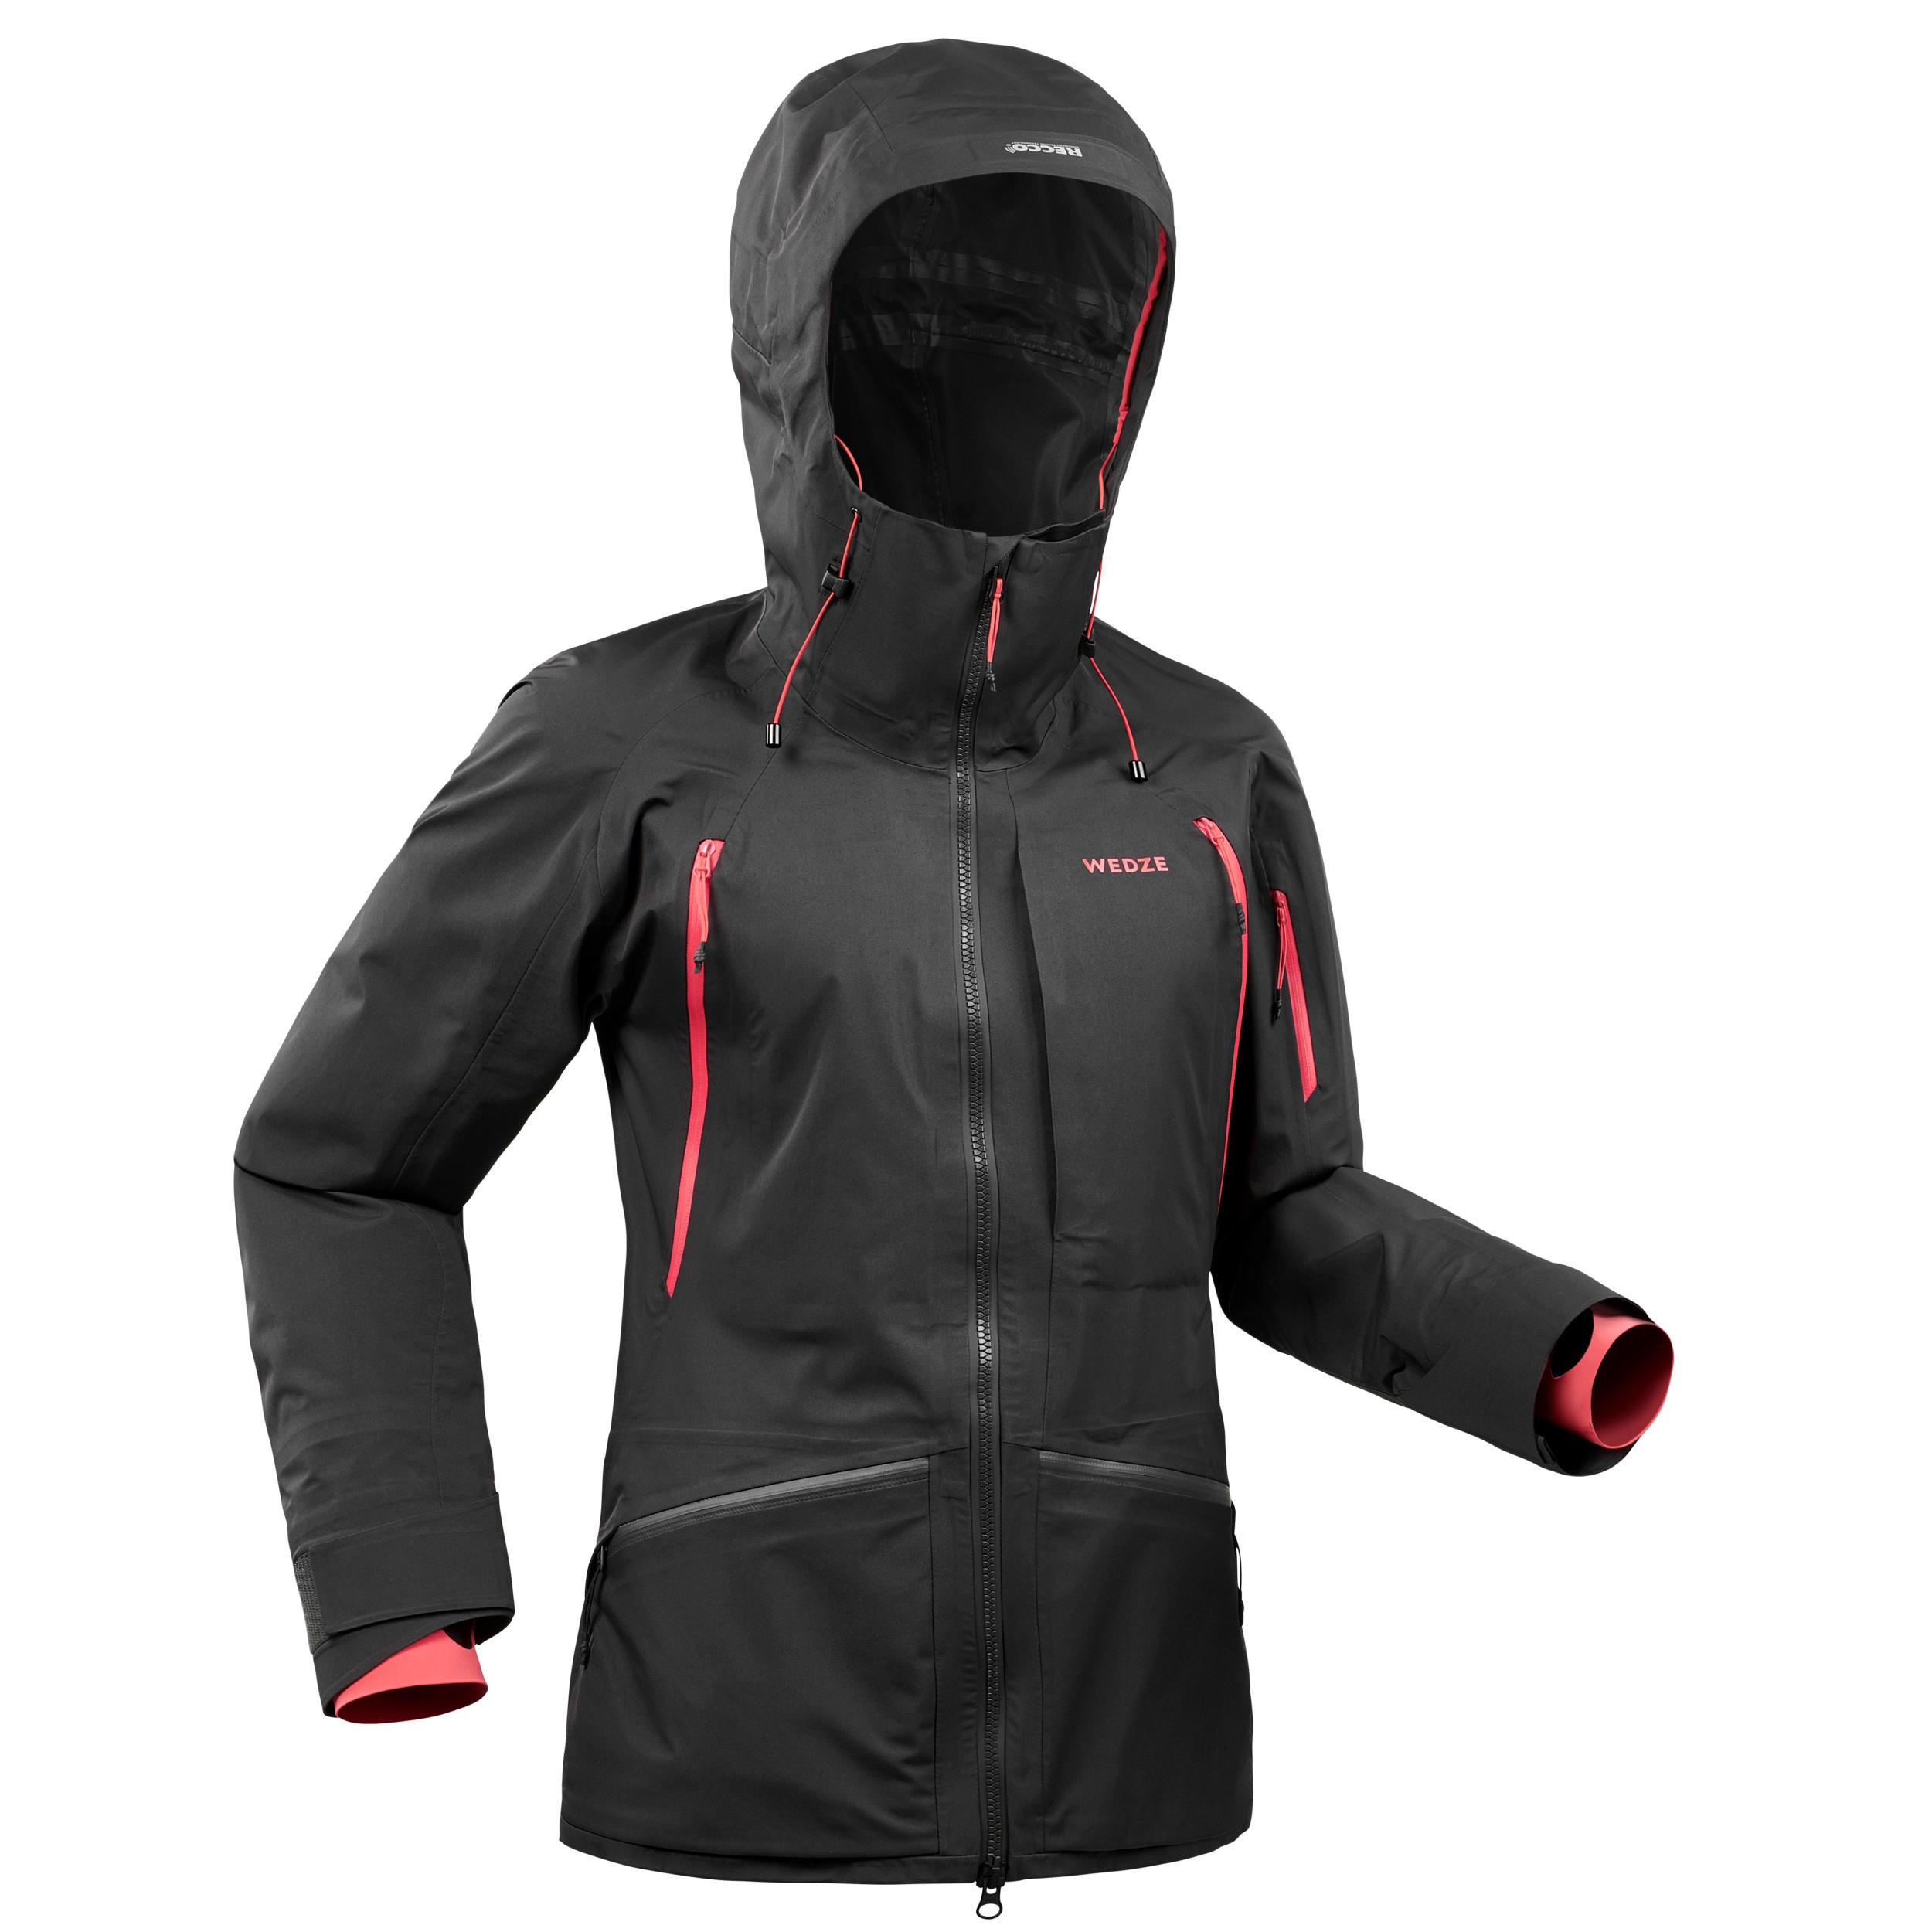 Veste de ski freeride femme FR900 Noir rose - Wedze